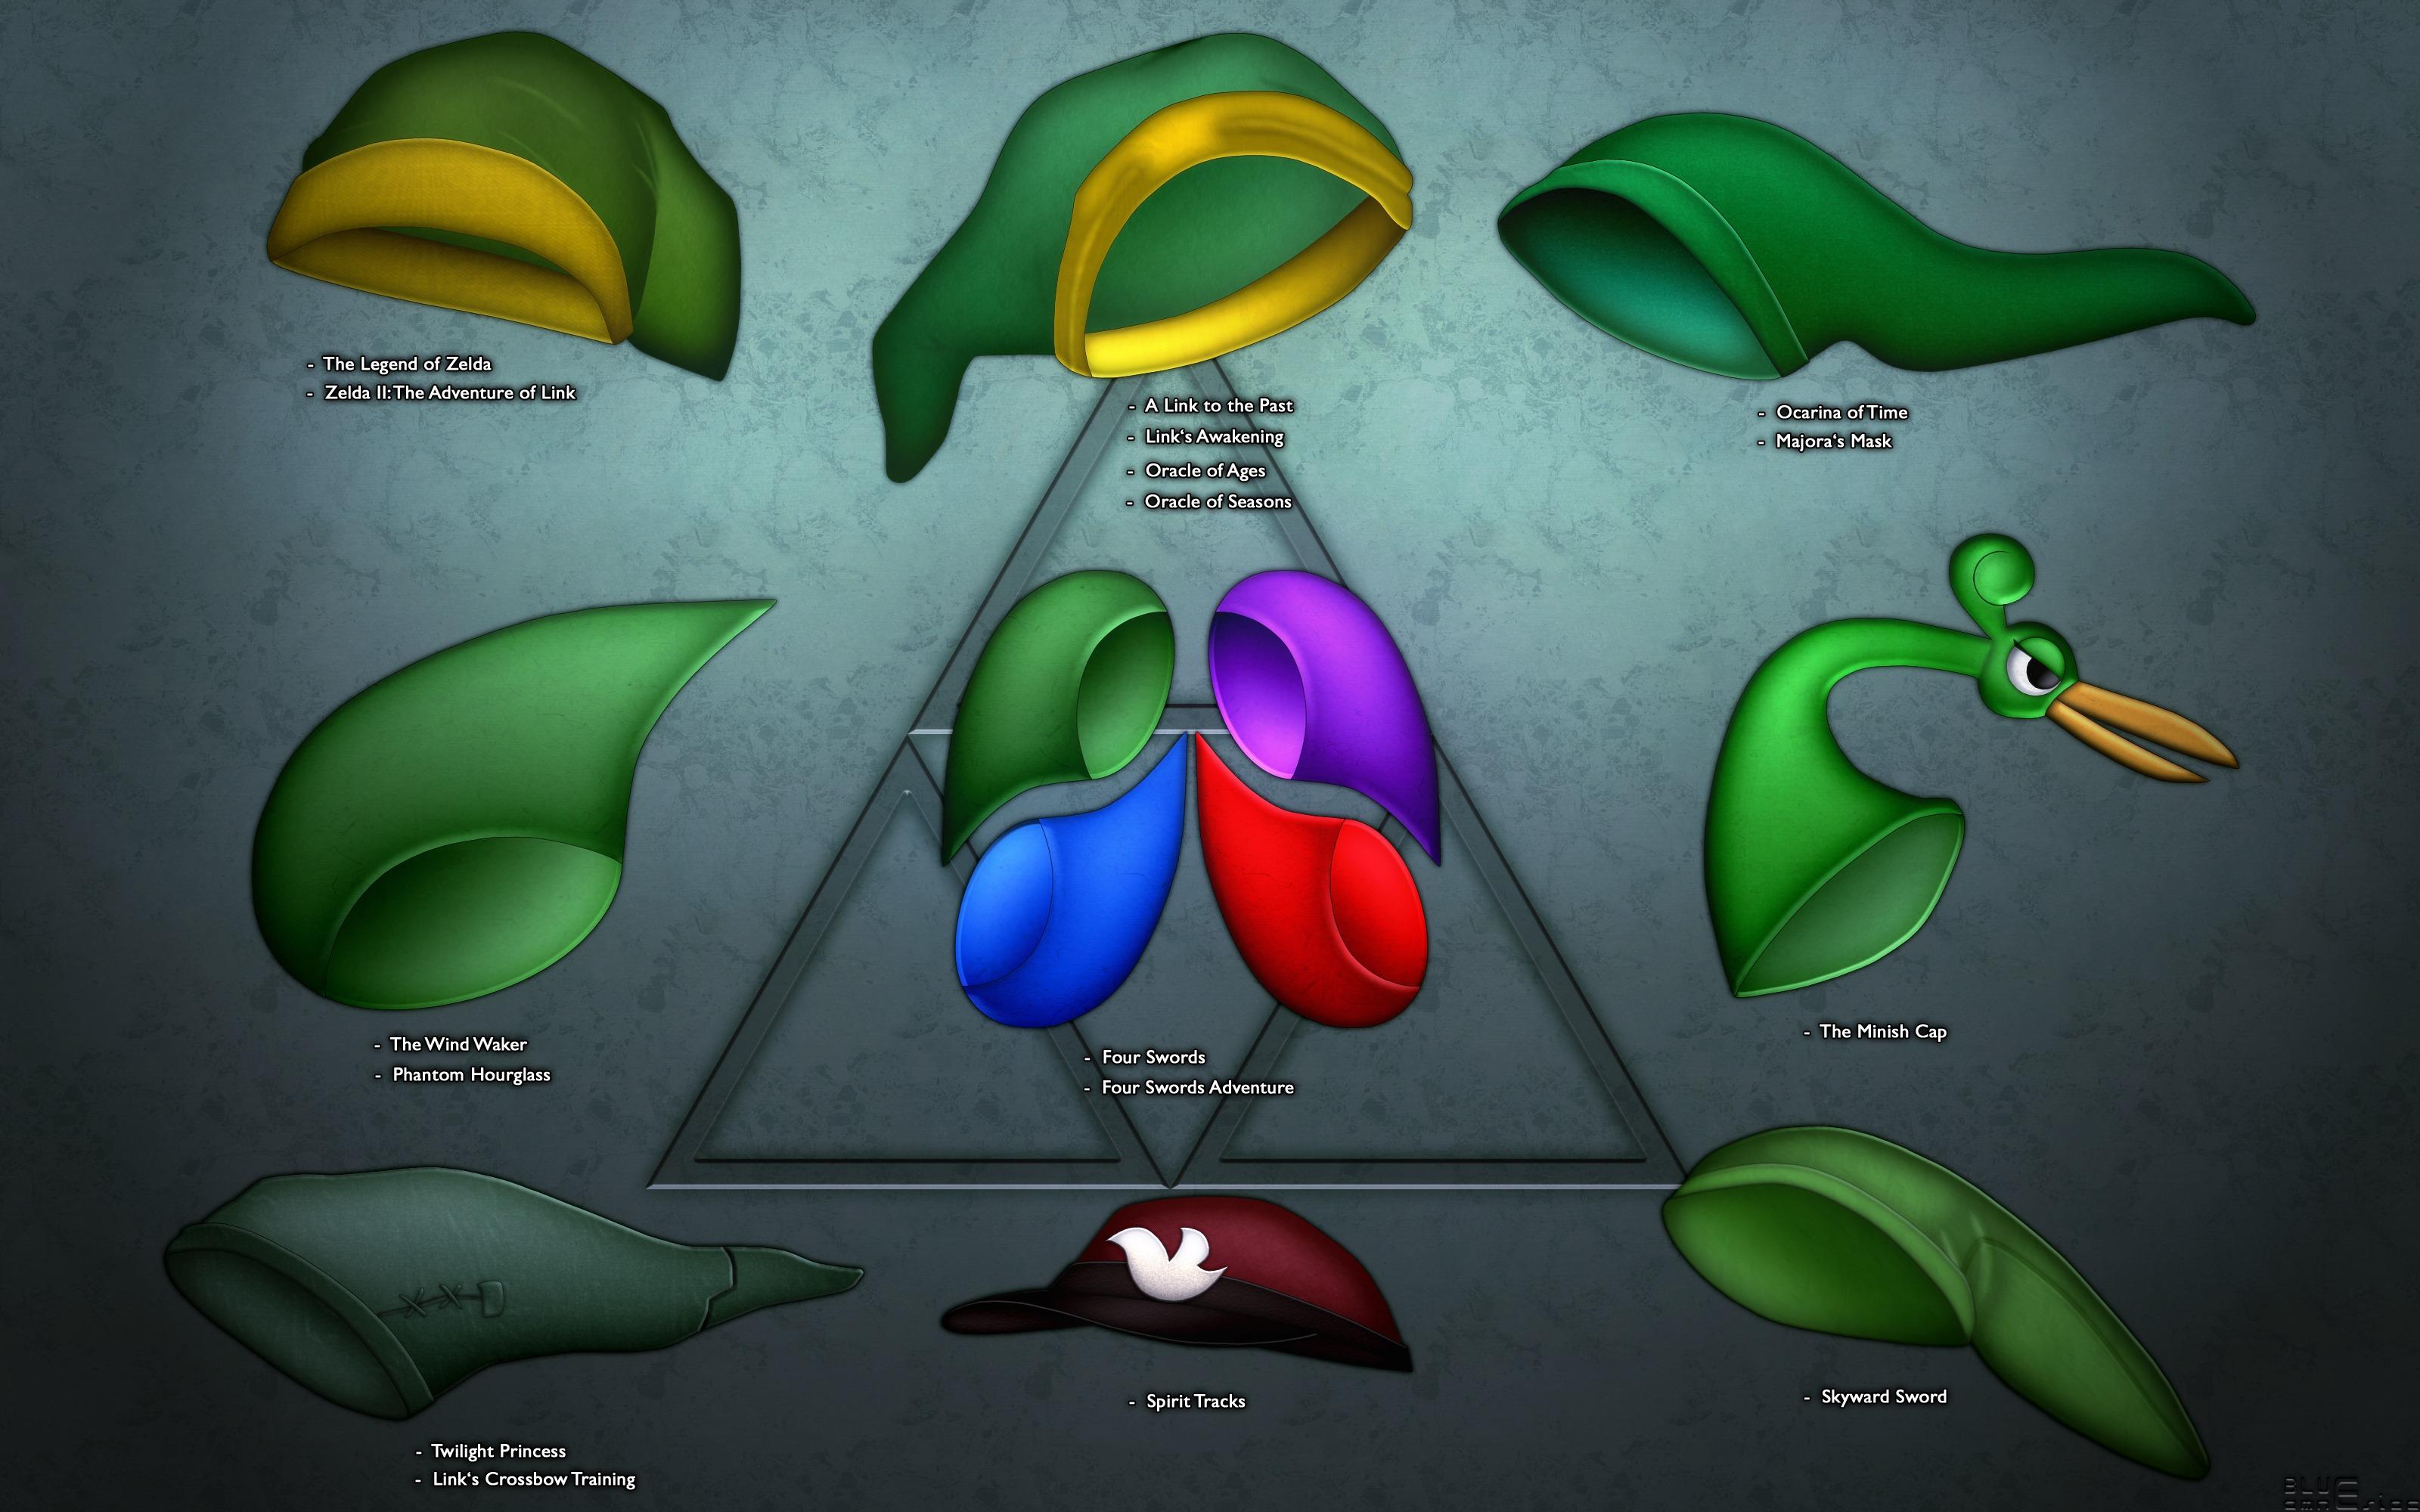 Evolution of Link's Hat | The Legend of Zelda | Know Your Meme